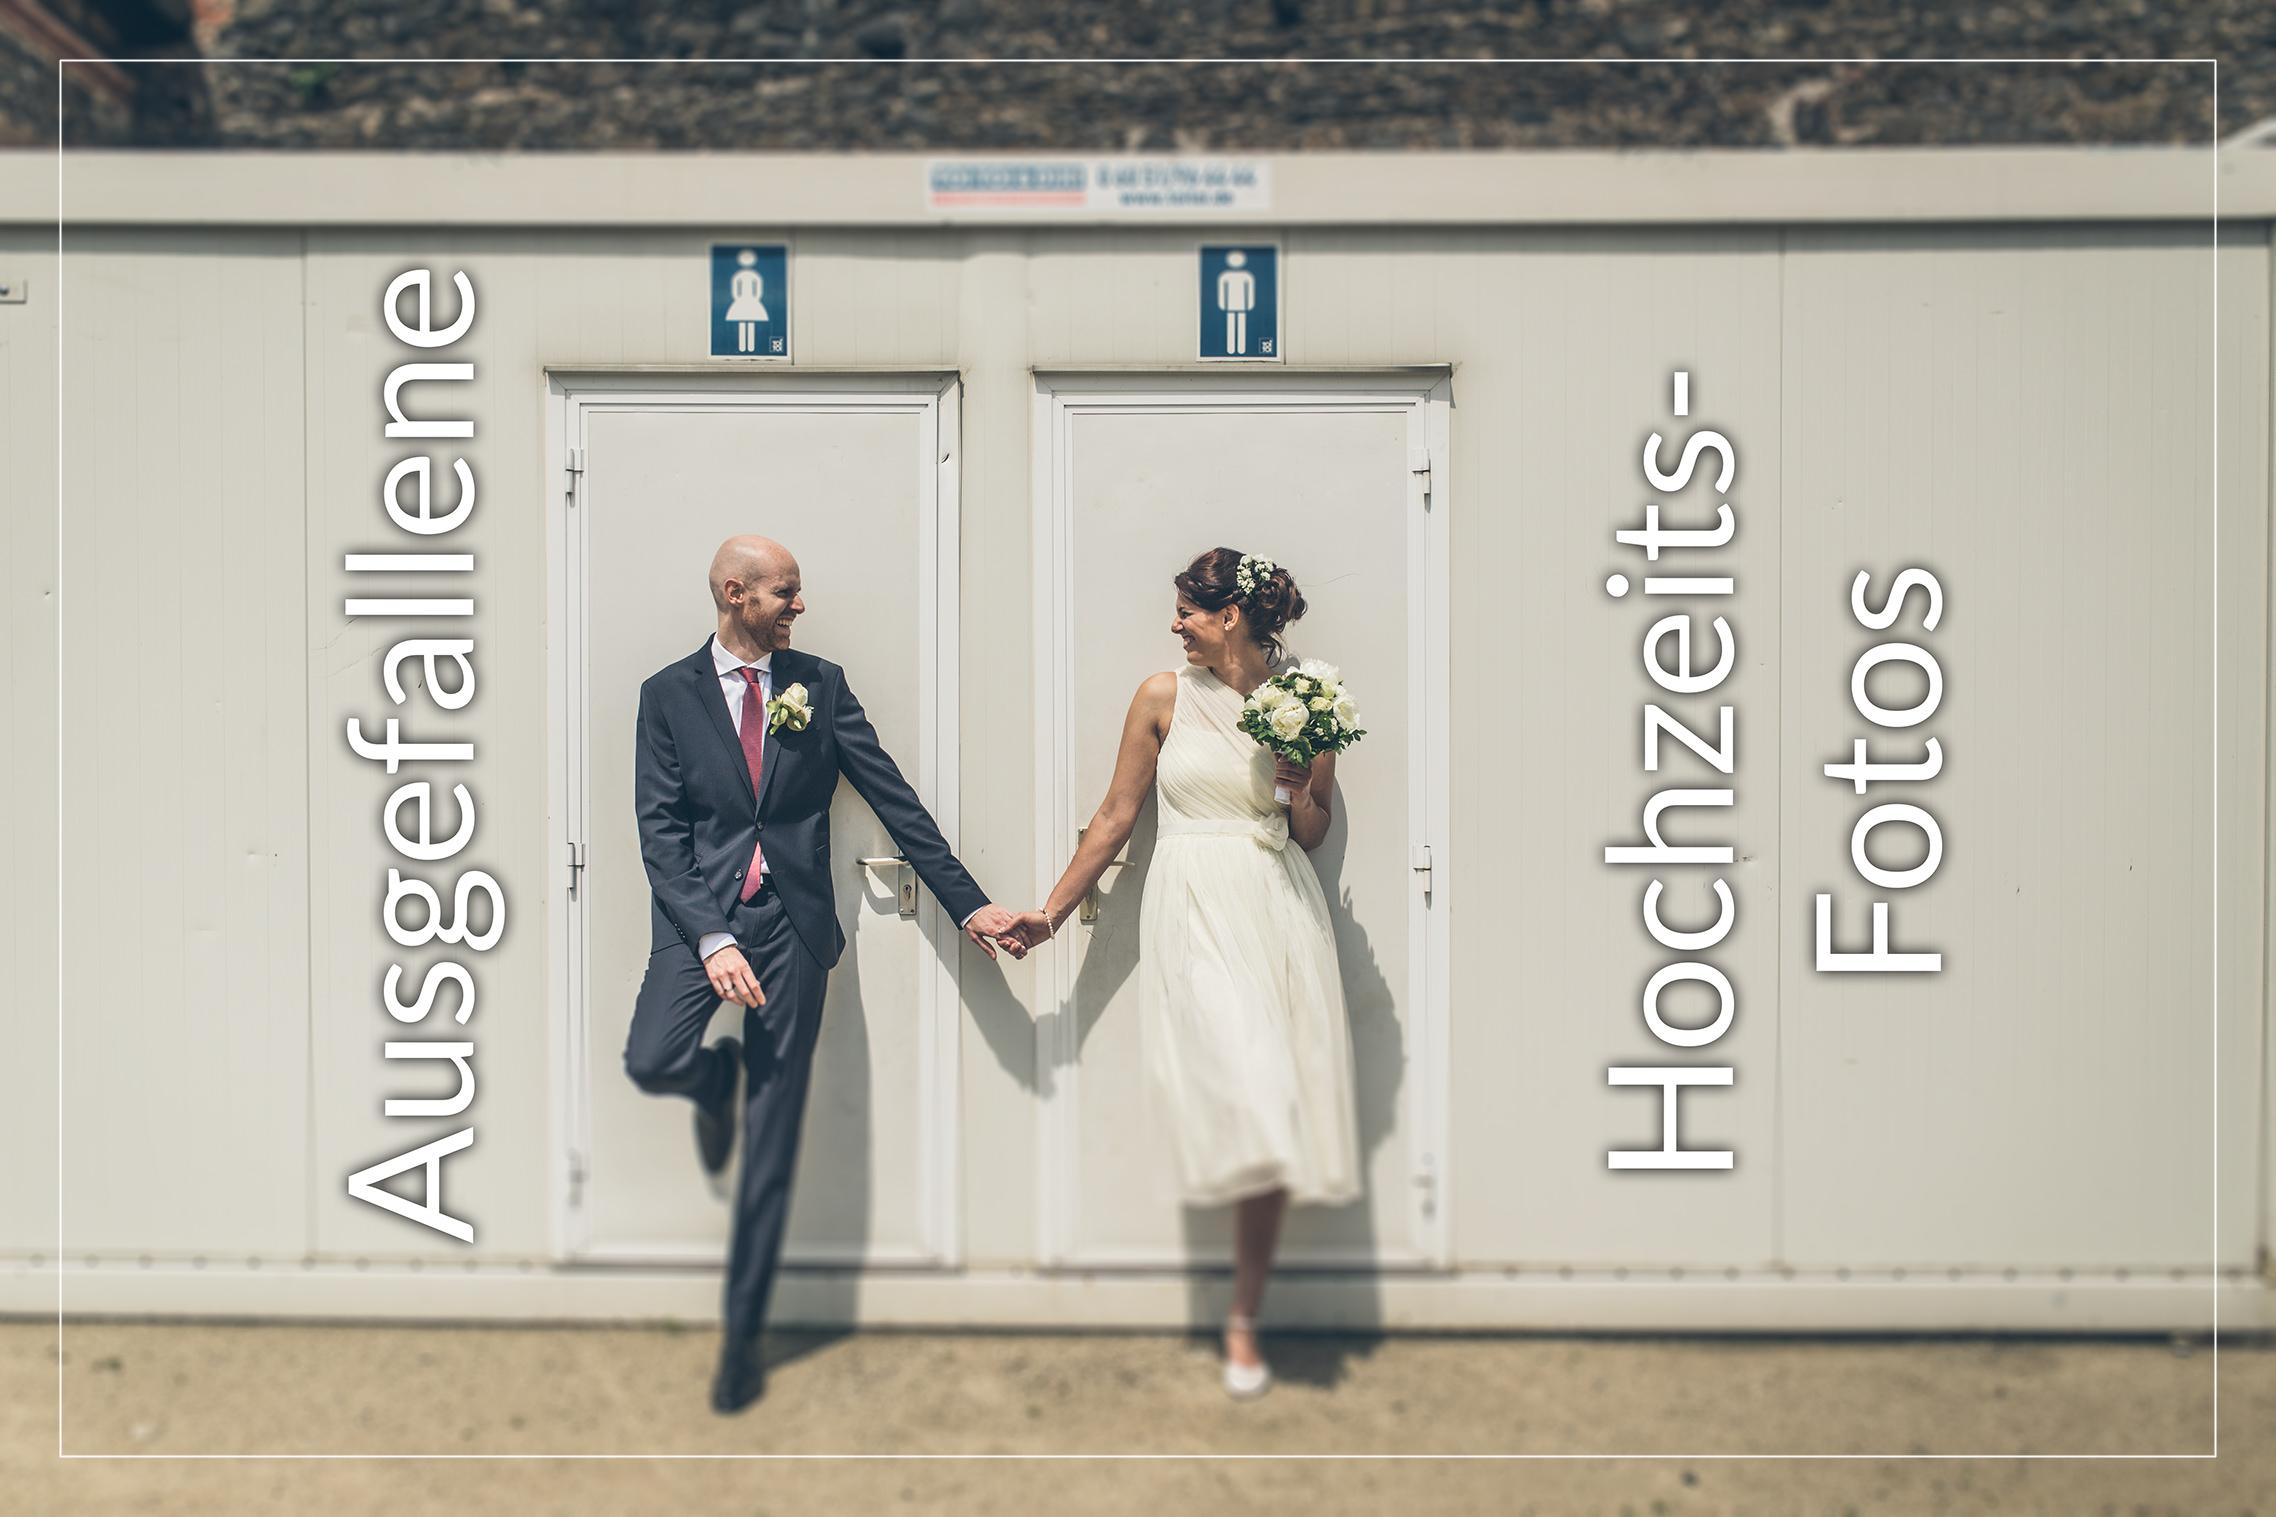 Hochzeitspaar steht vor Toilettenhäuschen